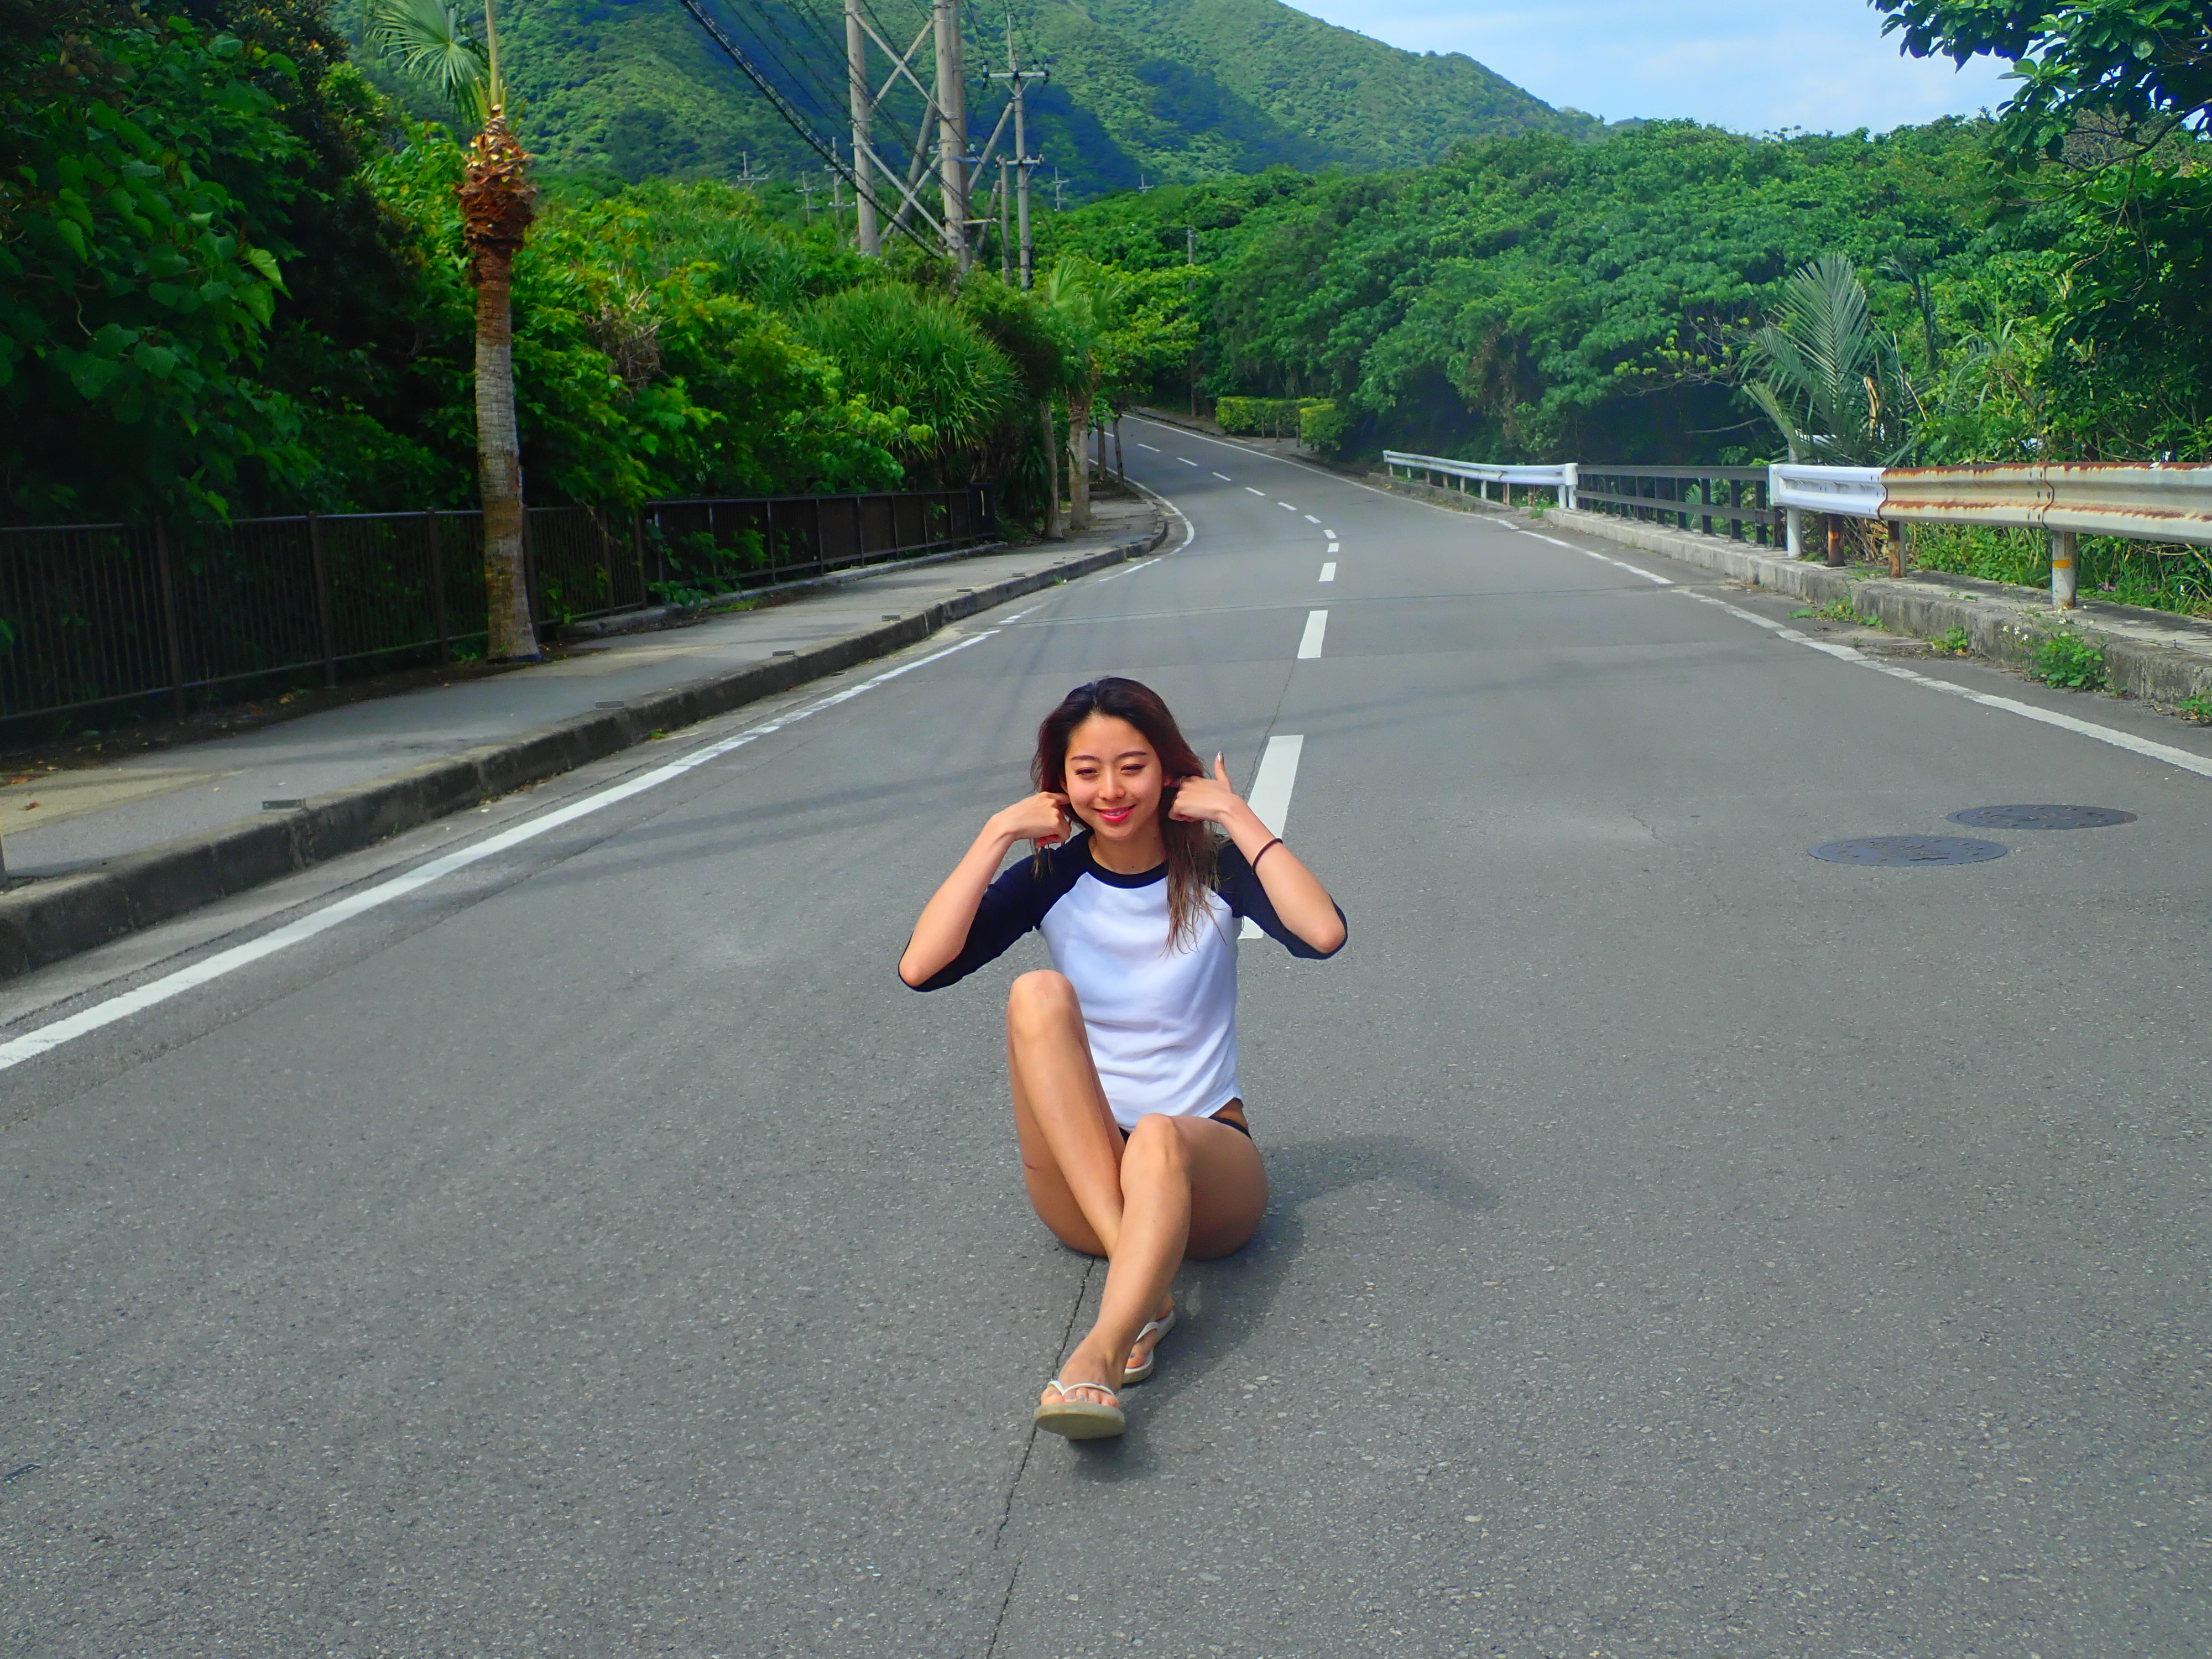 9月の石垣島の道と女性